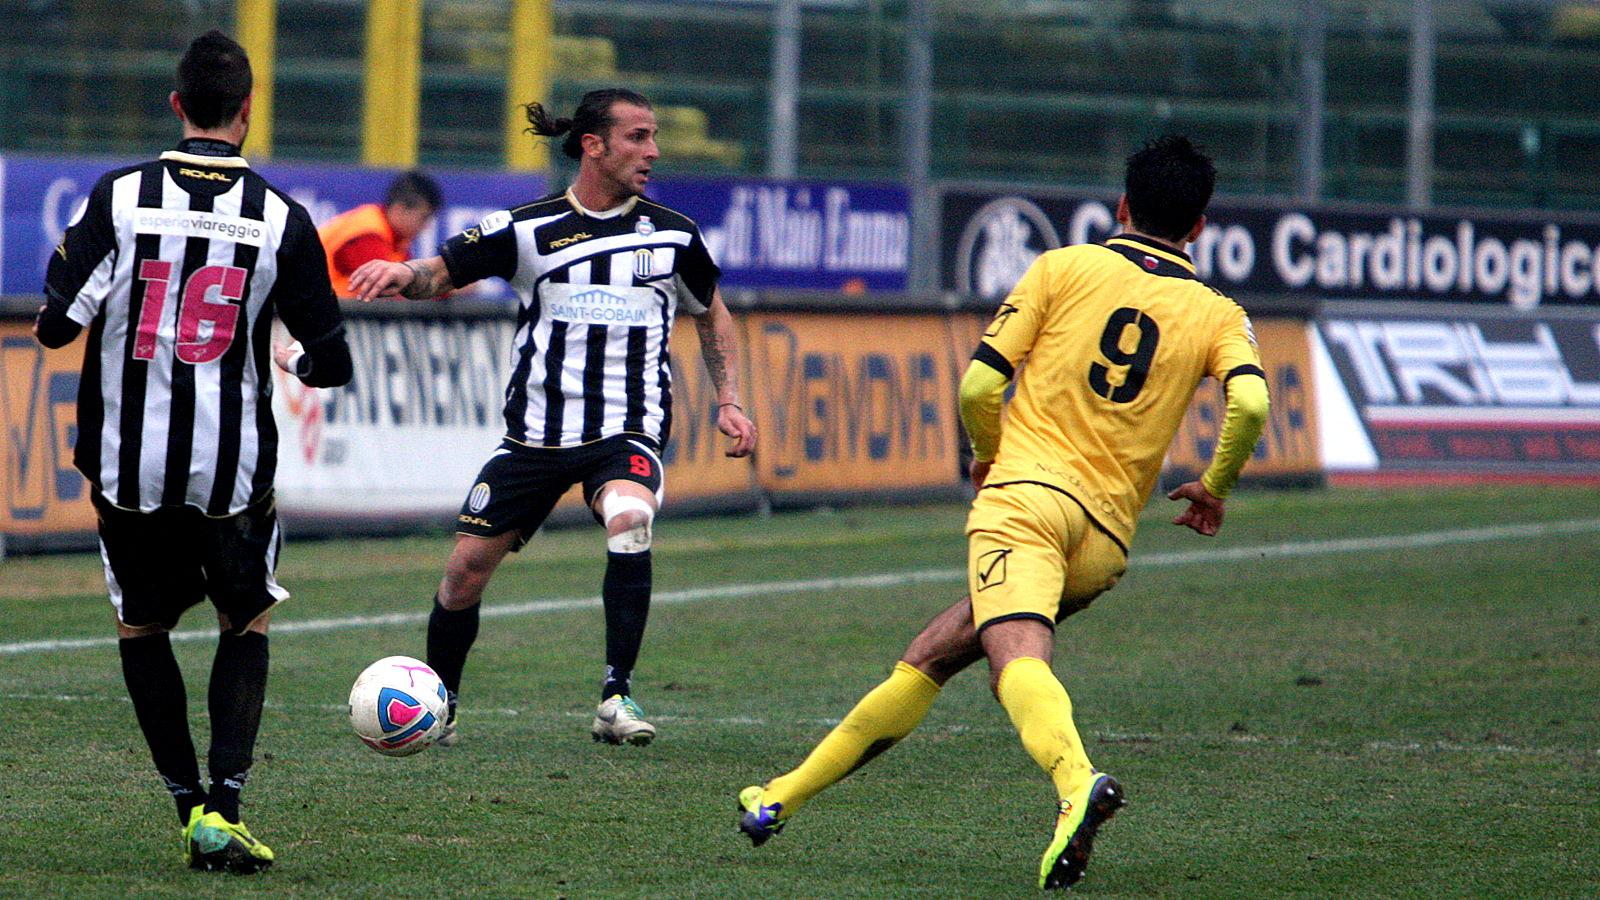 Derby farsa, Palazzi chiede esclusione Nocerina dal campionato